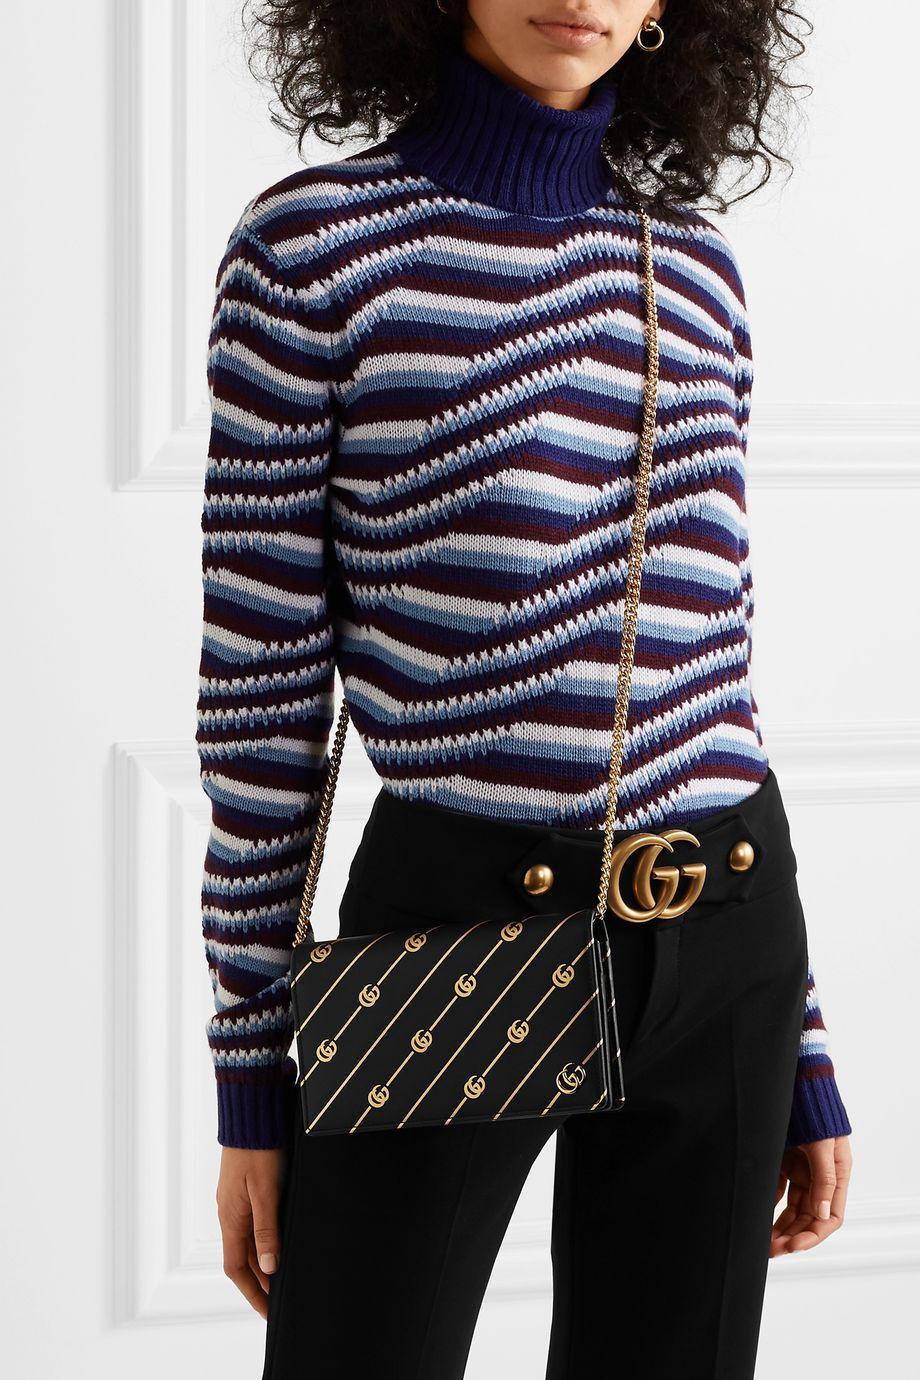 Gucci Printed leather shoulder bag